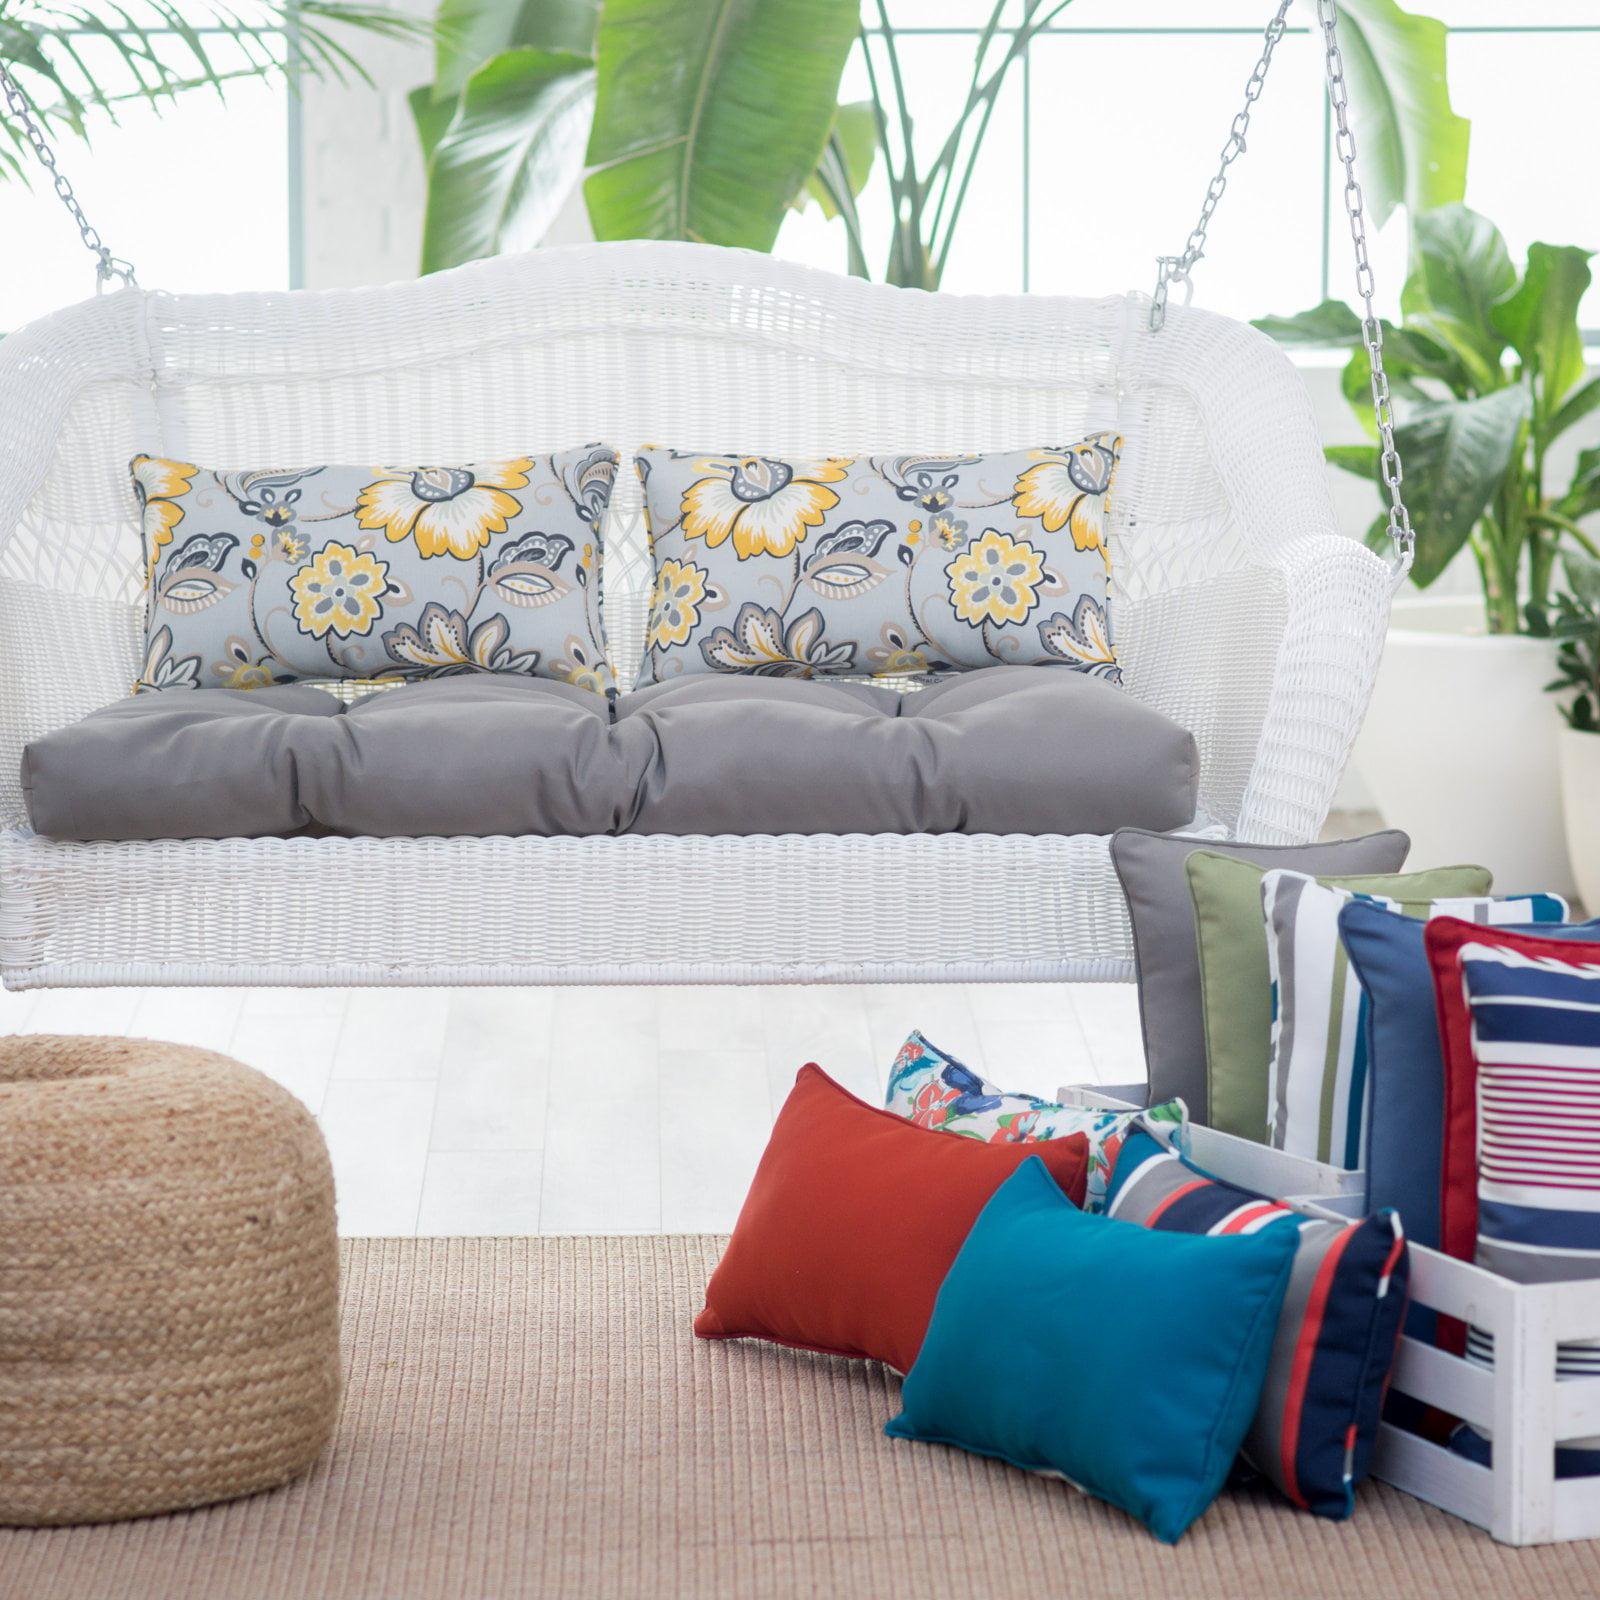 Coral Coast Classic 18 x 10 in. Rectangle Outdoor Lumbar Pillow - Set of 2